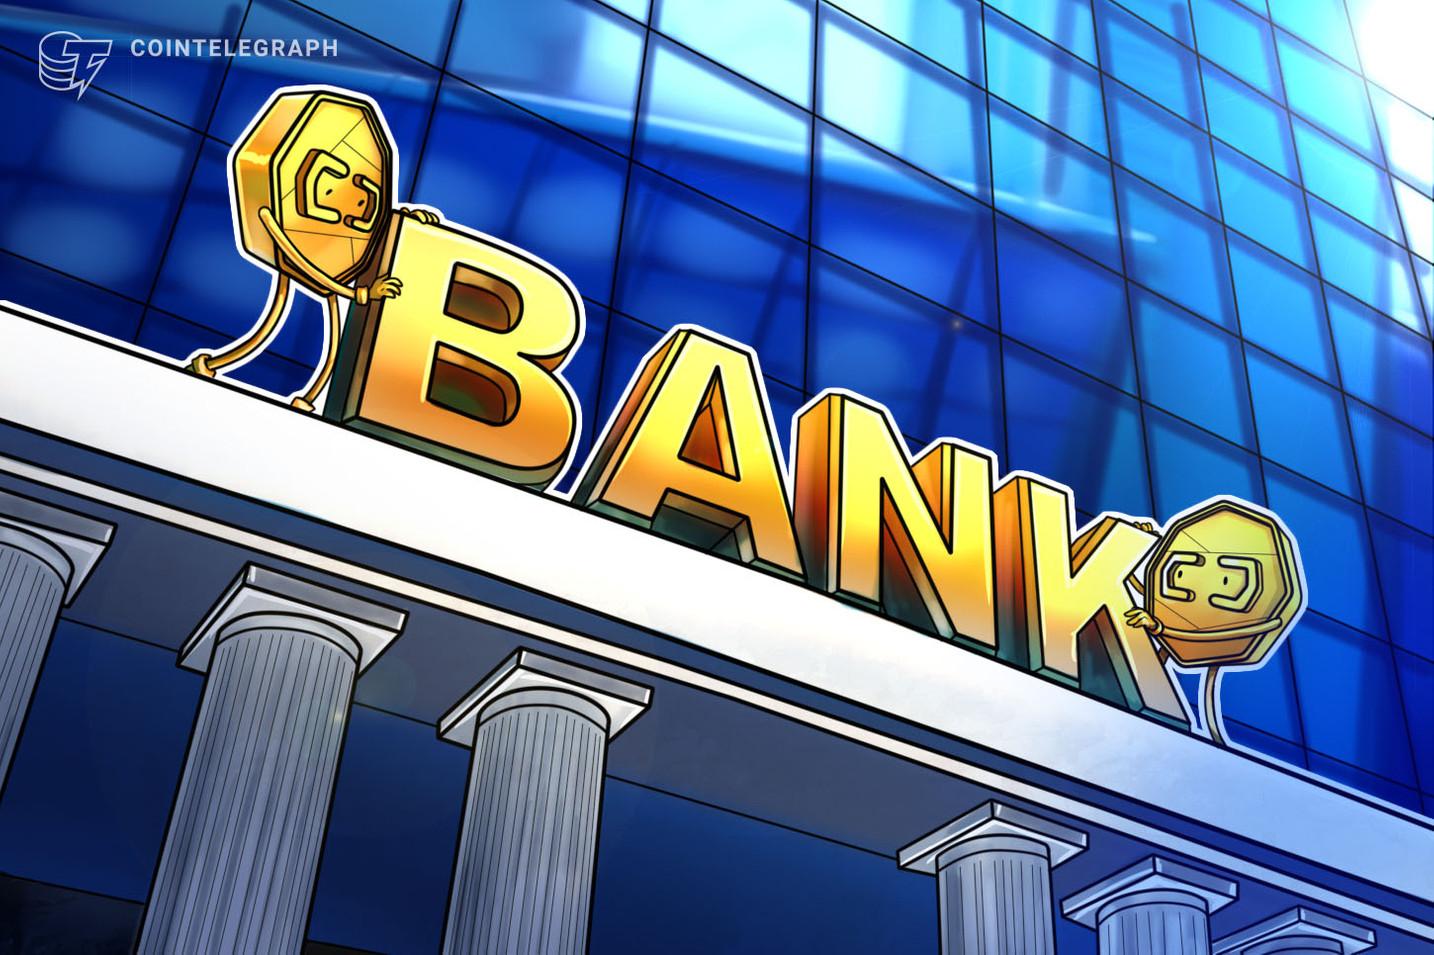 仮想通貨スタートアップのアヴァンティ、ワイオミング州で銀行設立の許可取得